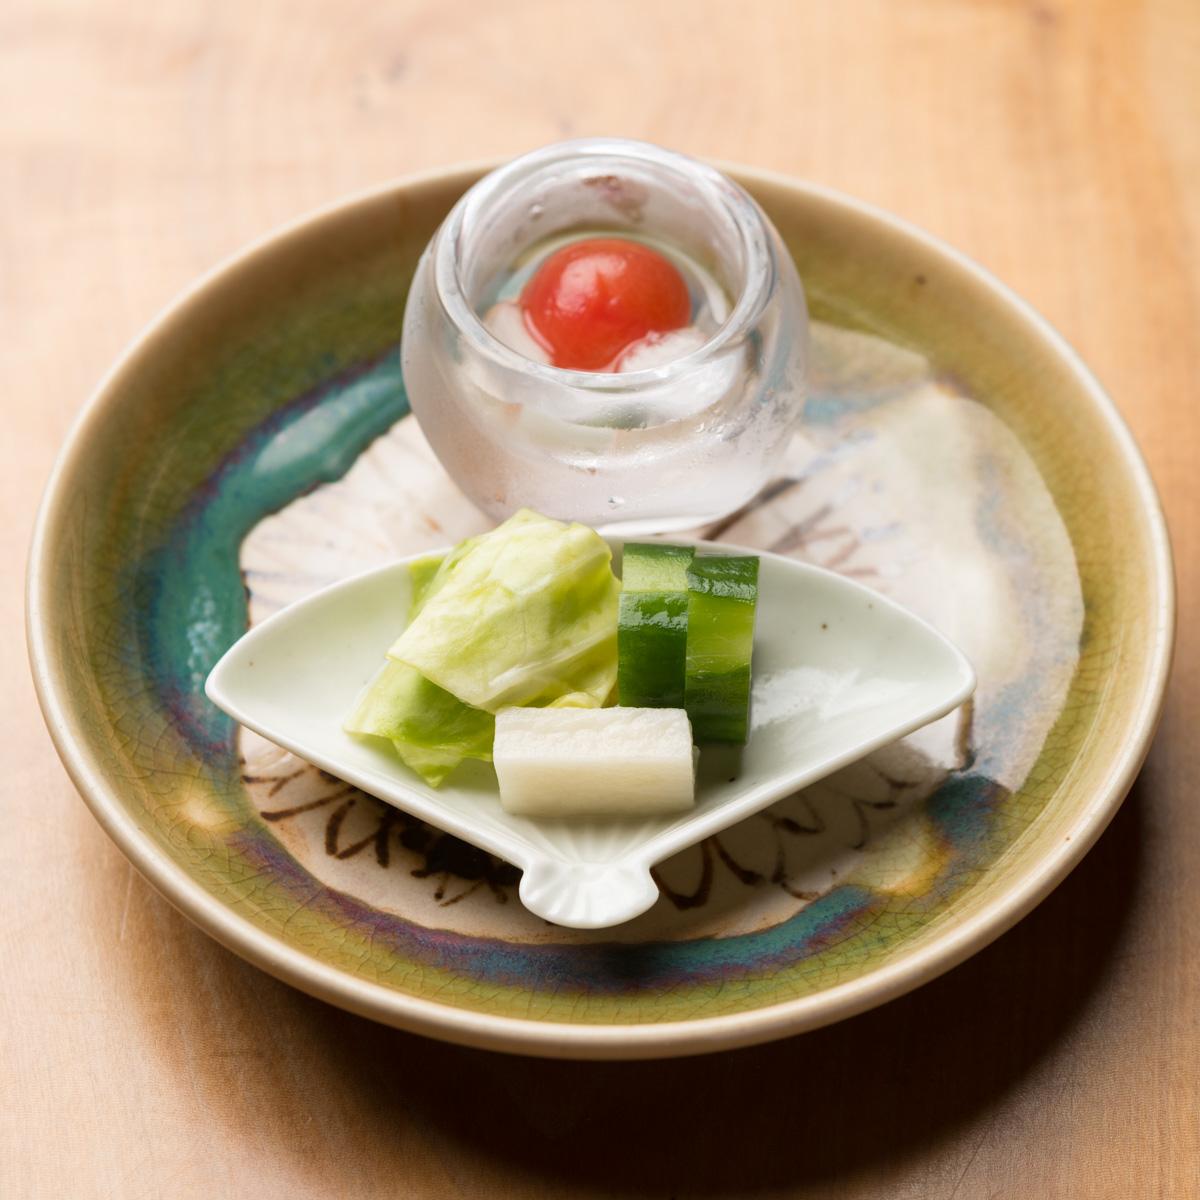 香の物|きゅうりのぬか漬け、春キャベツの浅漬け、ミニトマトと新玉ねぎの甘酢漬け、長芋の山葵漬け